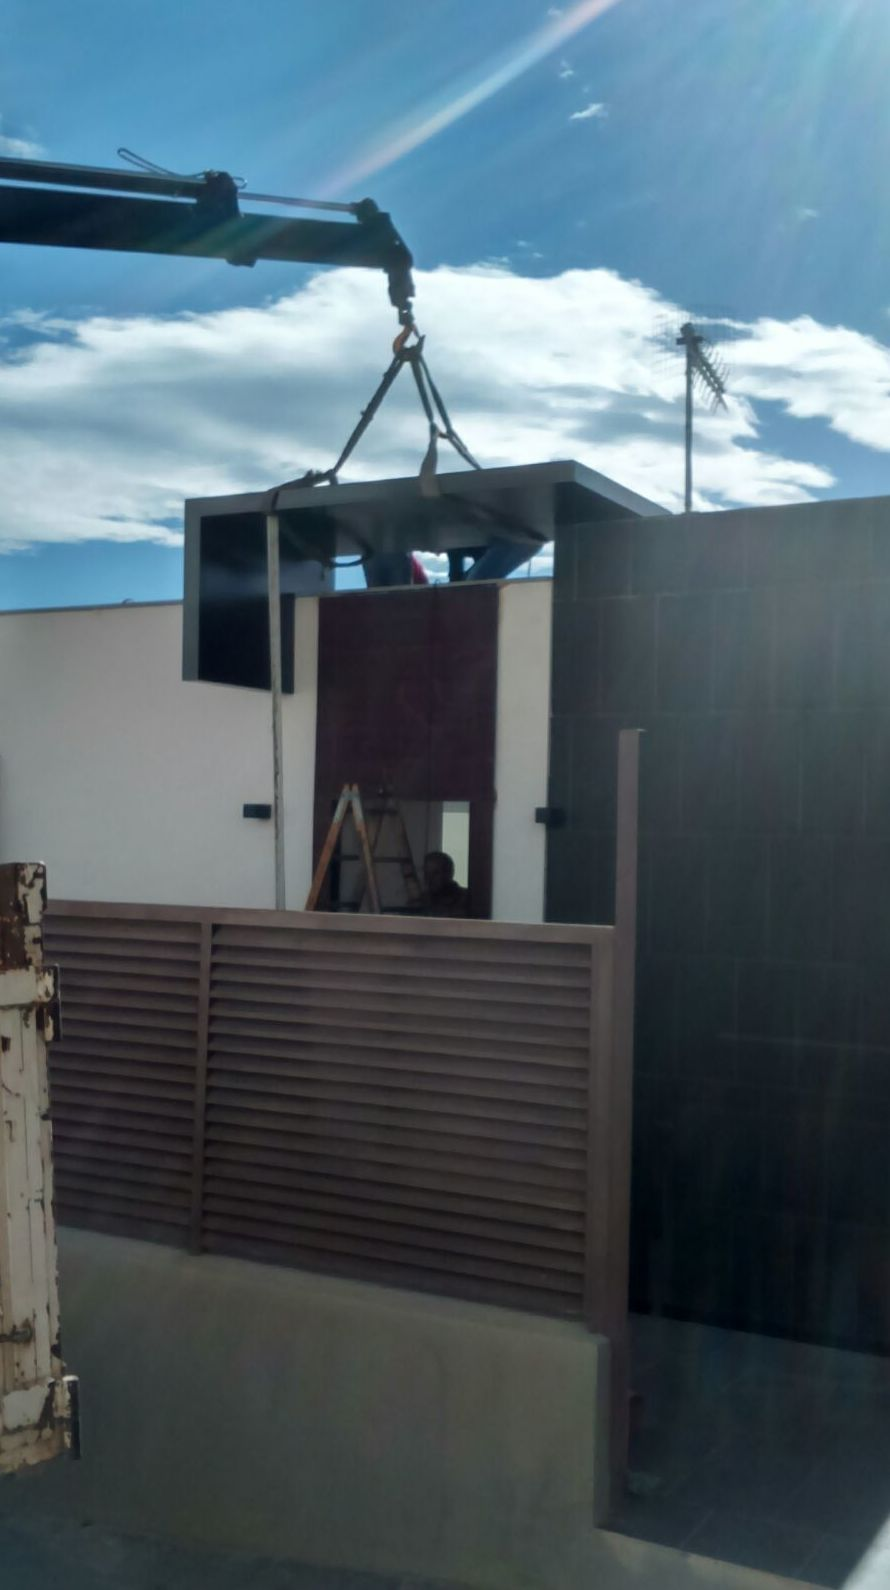 Foto 173 de Carpintería de aluminio, metálica y PVC en  | Exposición, Carpintería de aluminio- toldos-cerrajeria - reformas del hogar.